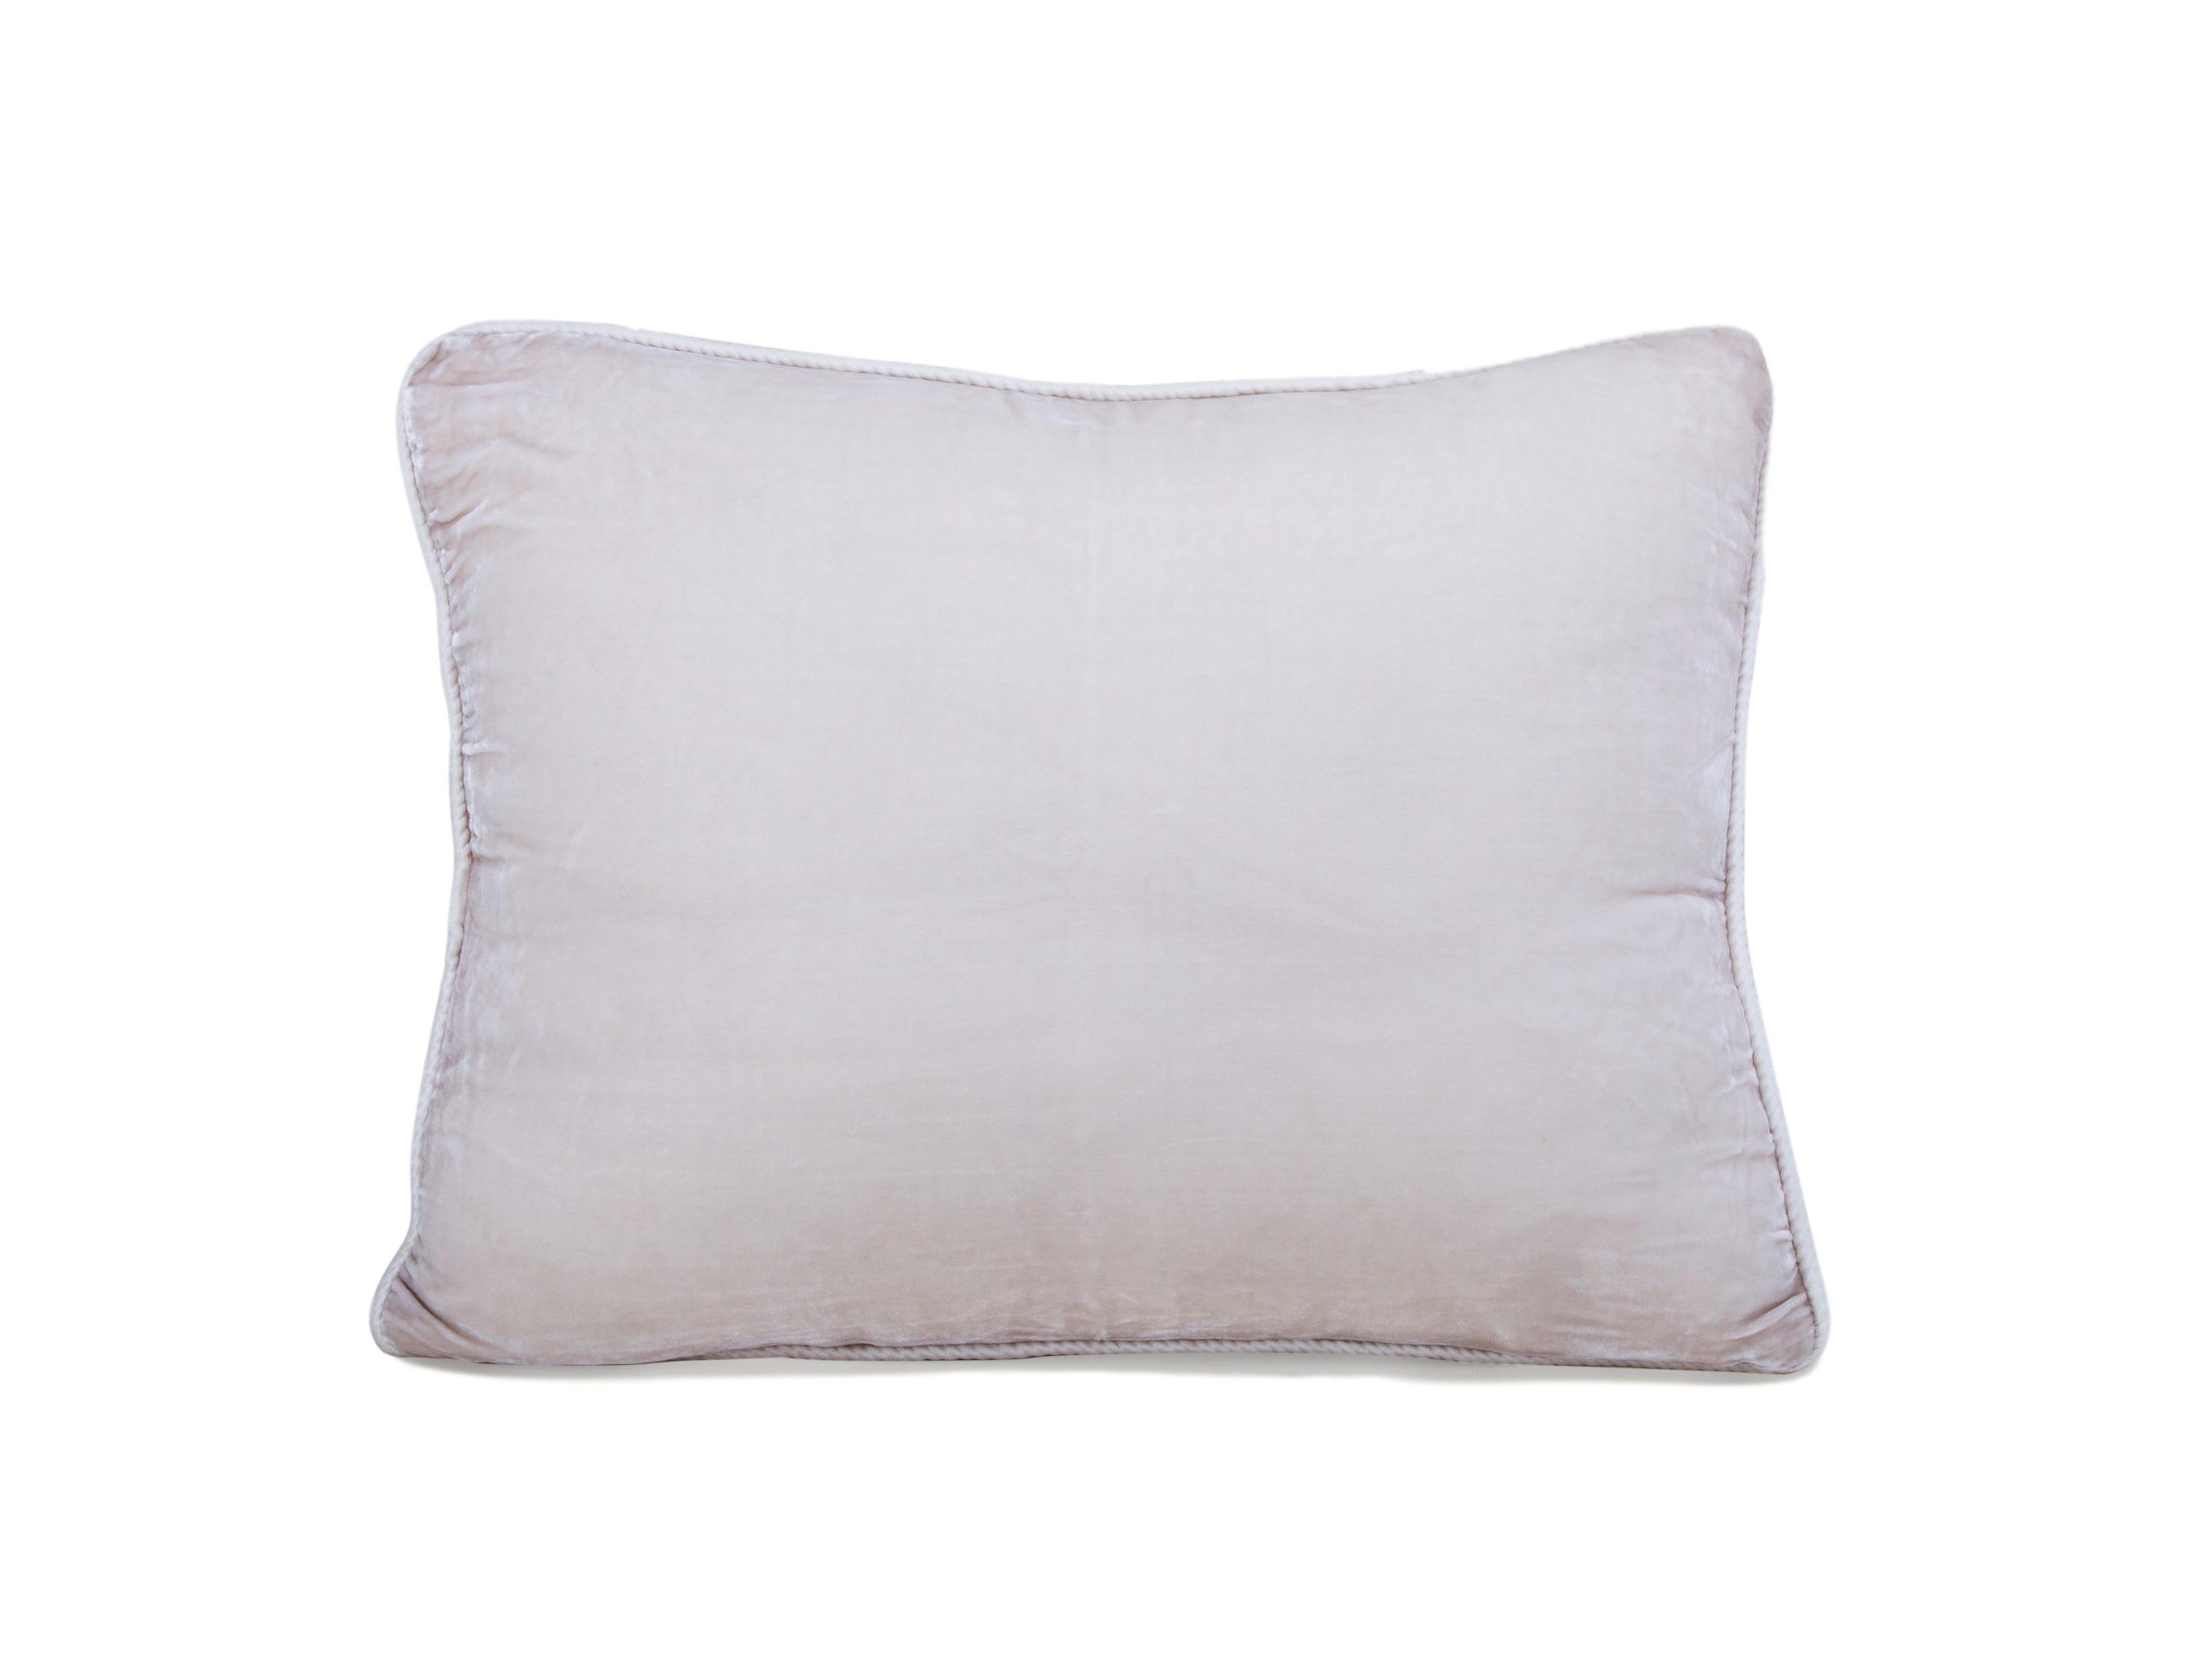 ПодушкаКвадратные подушки<br>Чехлы для подушек от датского дизайнера Annette Egholm.<br><br>Material: Текстиль<br>Width см: 40<br>Height см: 40